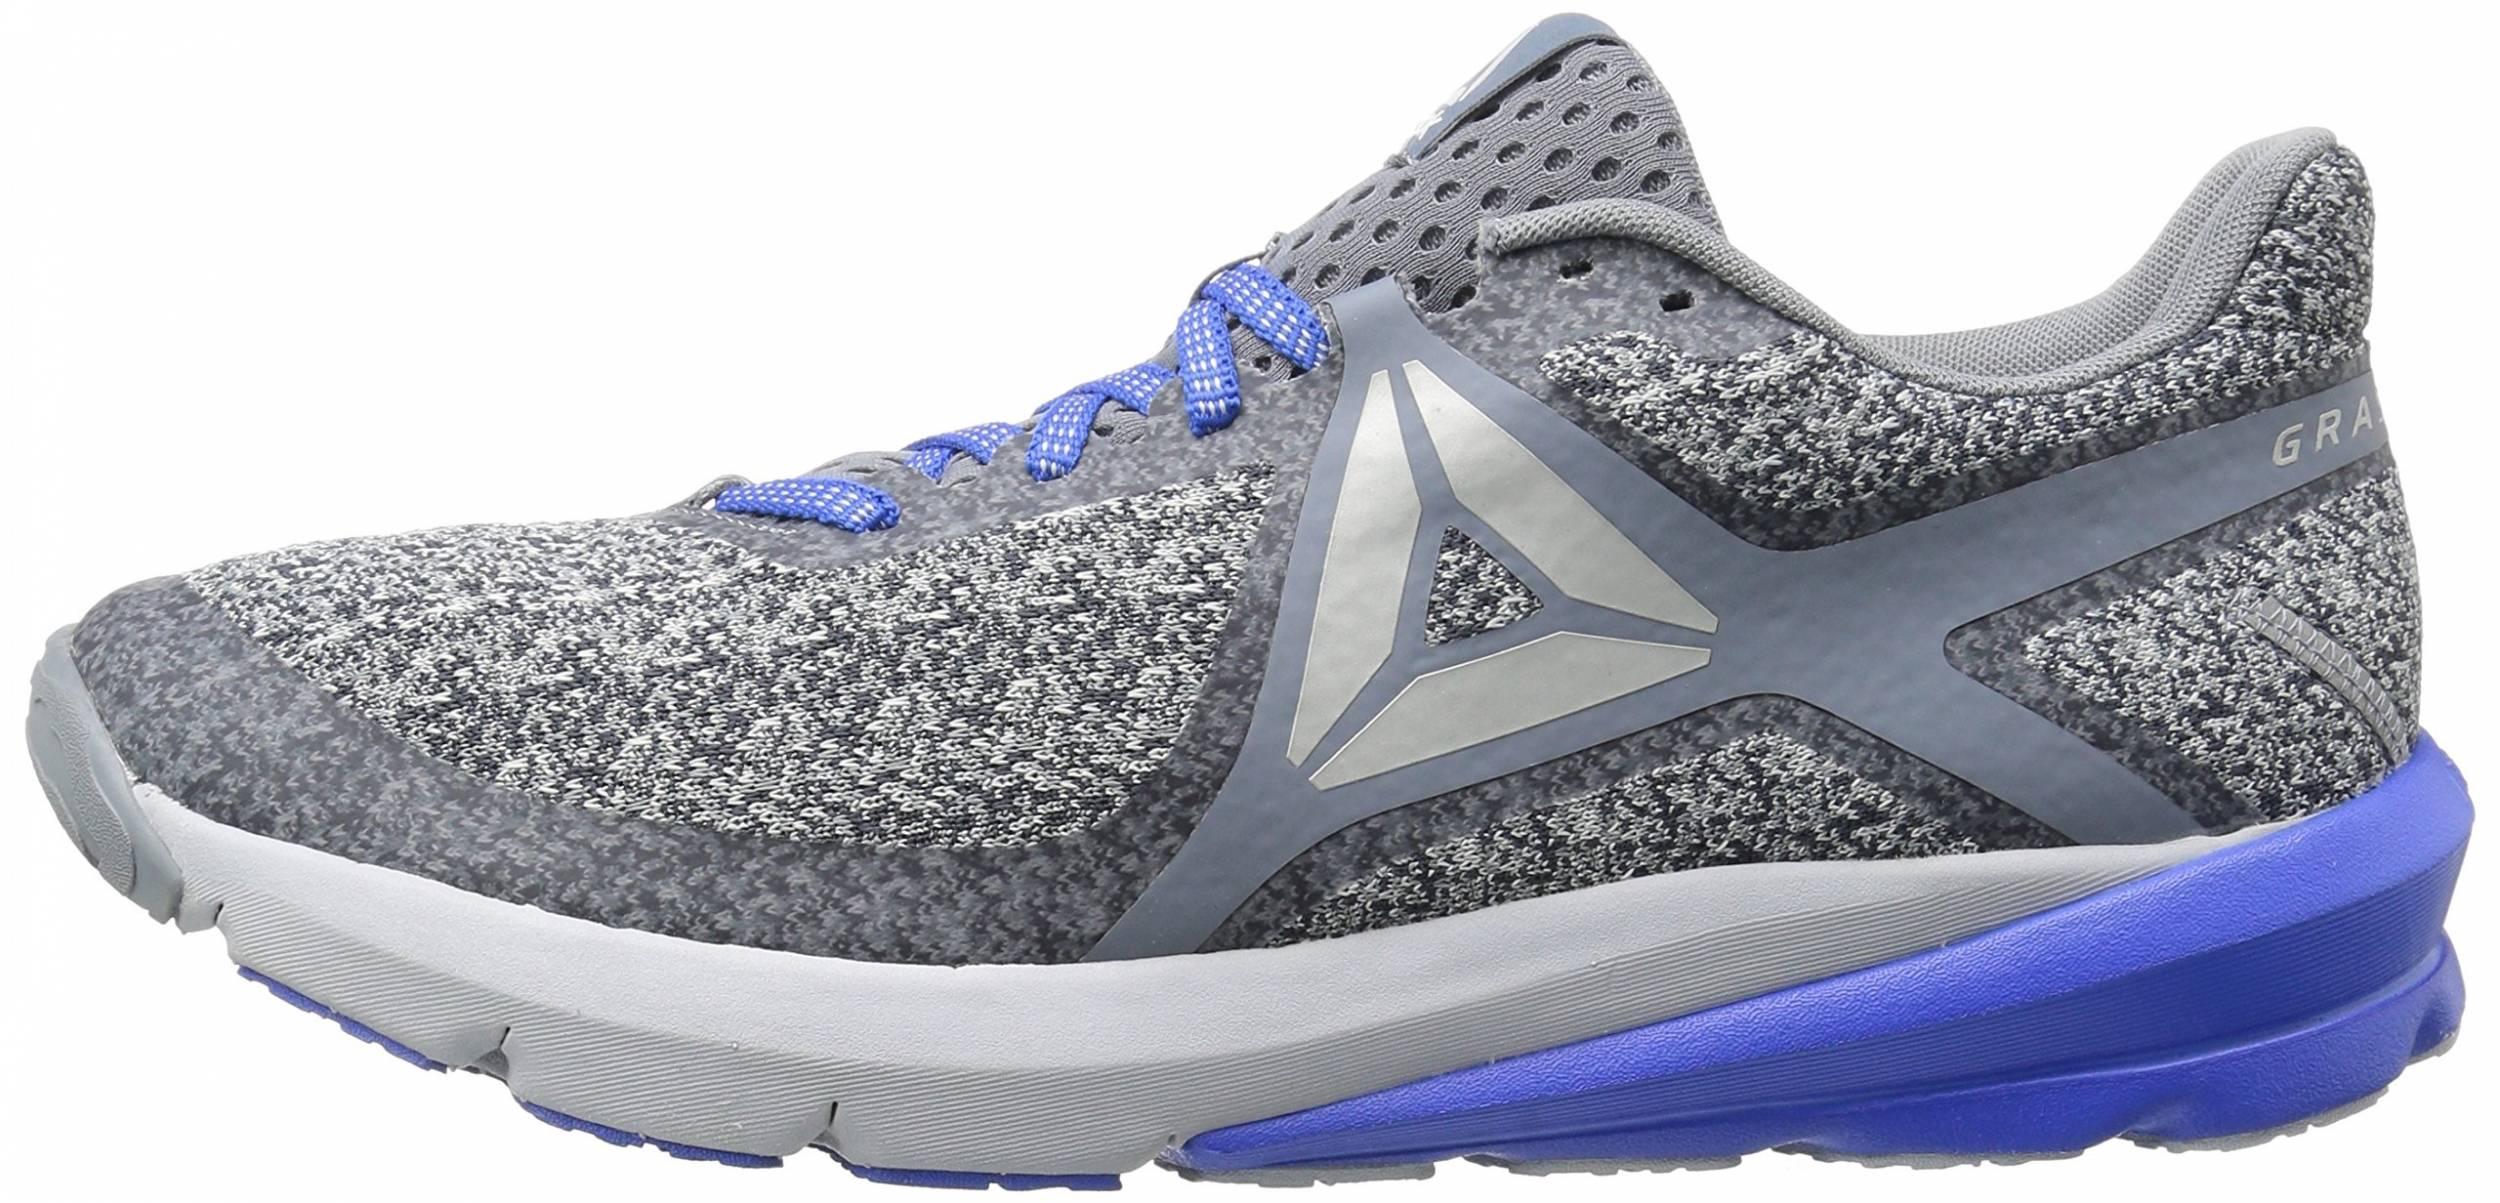 Reebok Jogging Running Shoes